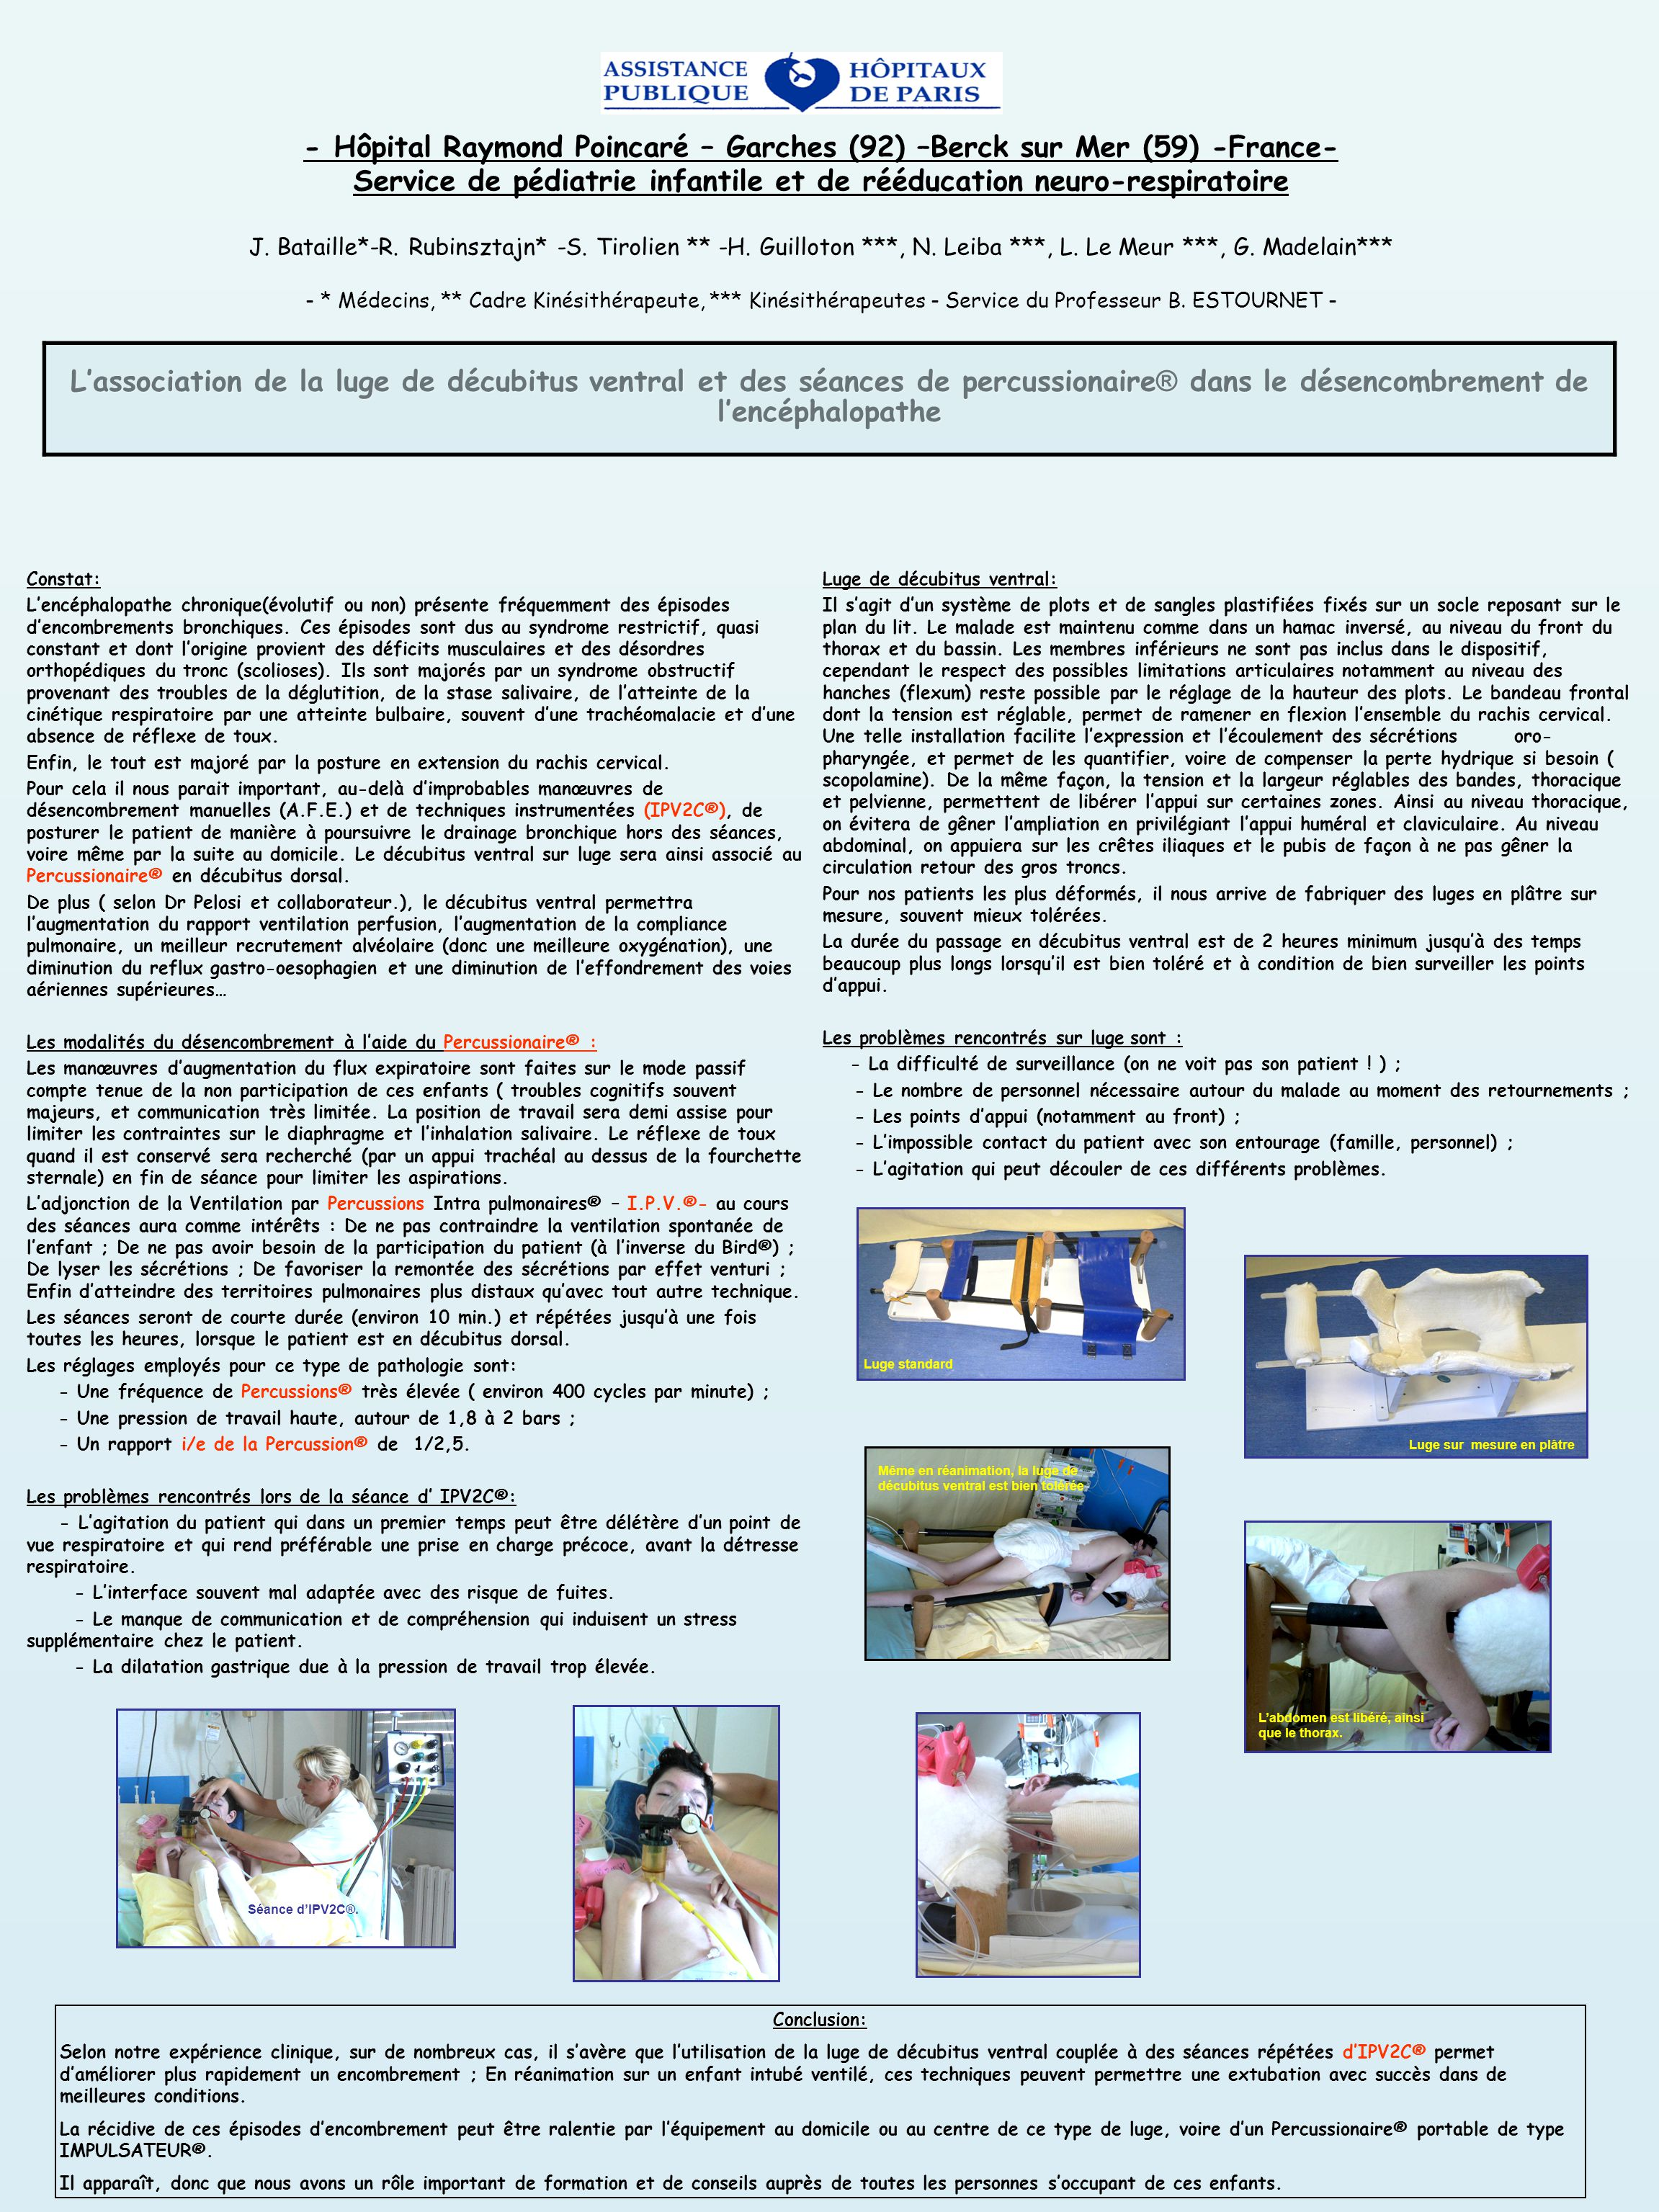 - Hôpital Raymond Poincaré – Garches (92) –Berck sur Mer (59) -France- Service de pédiatrie infantile et de rééducation neuro-respiratoire J. Bataille*-R. Rubinsztajn* -S. Tirolien ** -H. Guilloton ***, N. Leiba ***, L. Le Meur ***, G. Madelain*** - * Médecins, ** Cadre Kinésithérapeute, *** Kinésithérapeutes - Service du Professeur B. ESTOURNET -